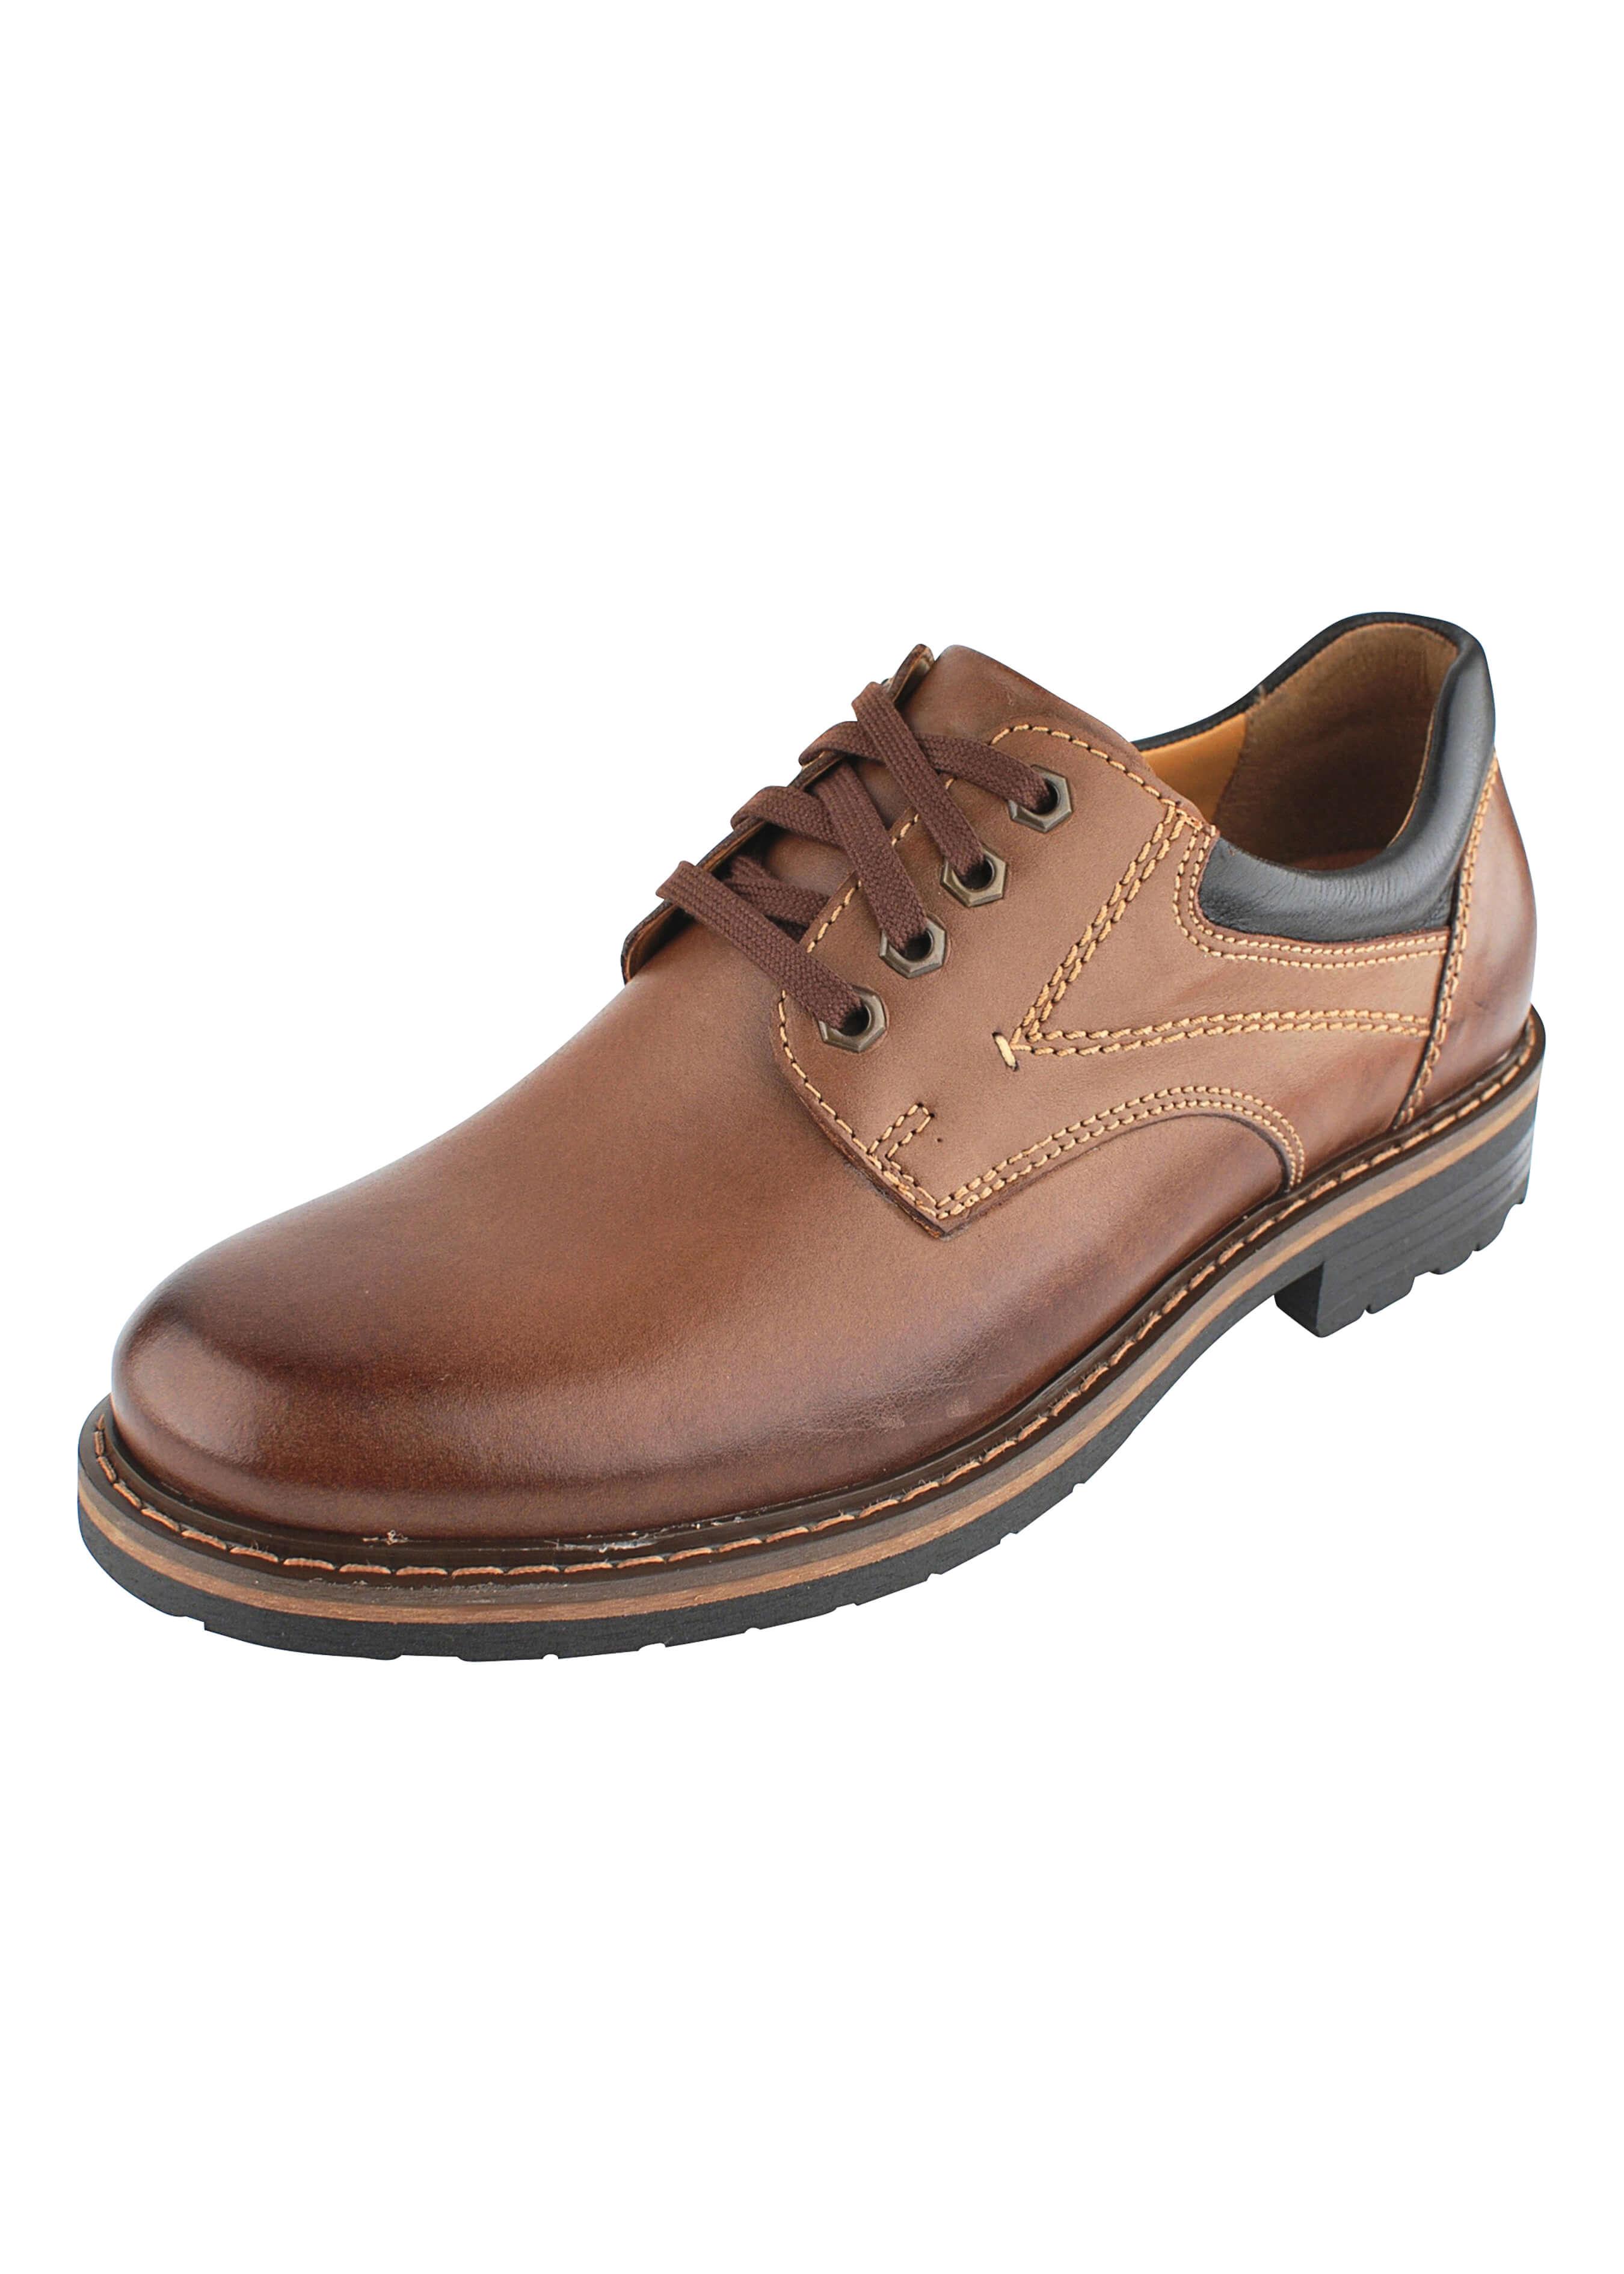 Chaussure à lacet en cuir, 41004039 1